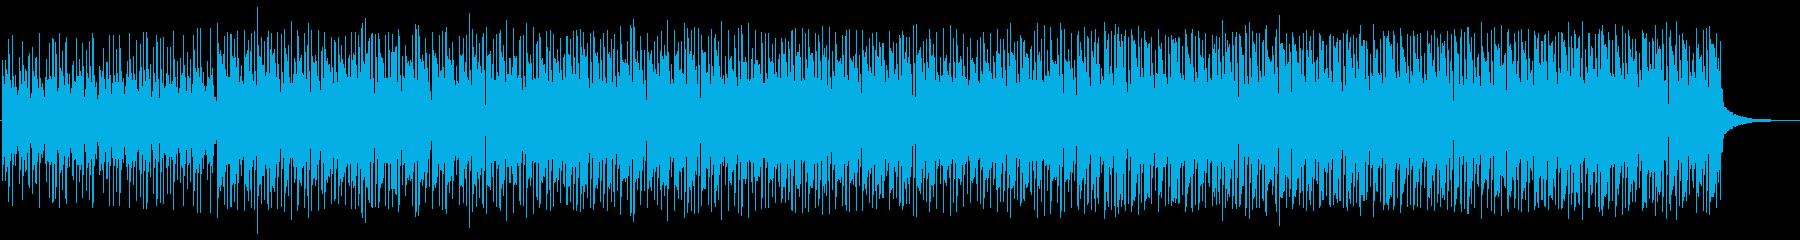 緊迫感のあるミステリアスな楽曲の再生済みの波形